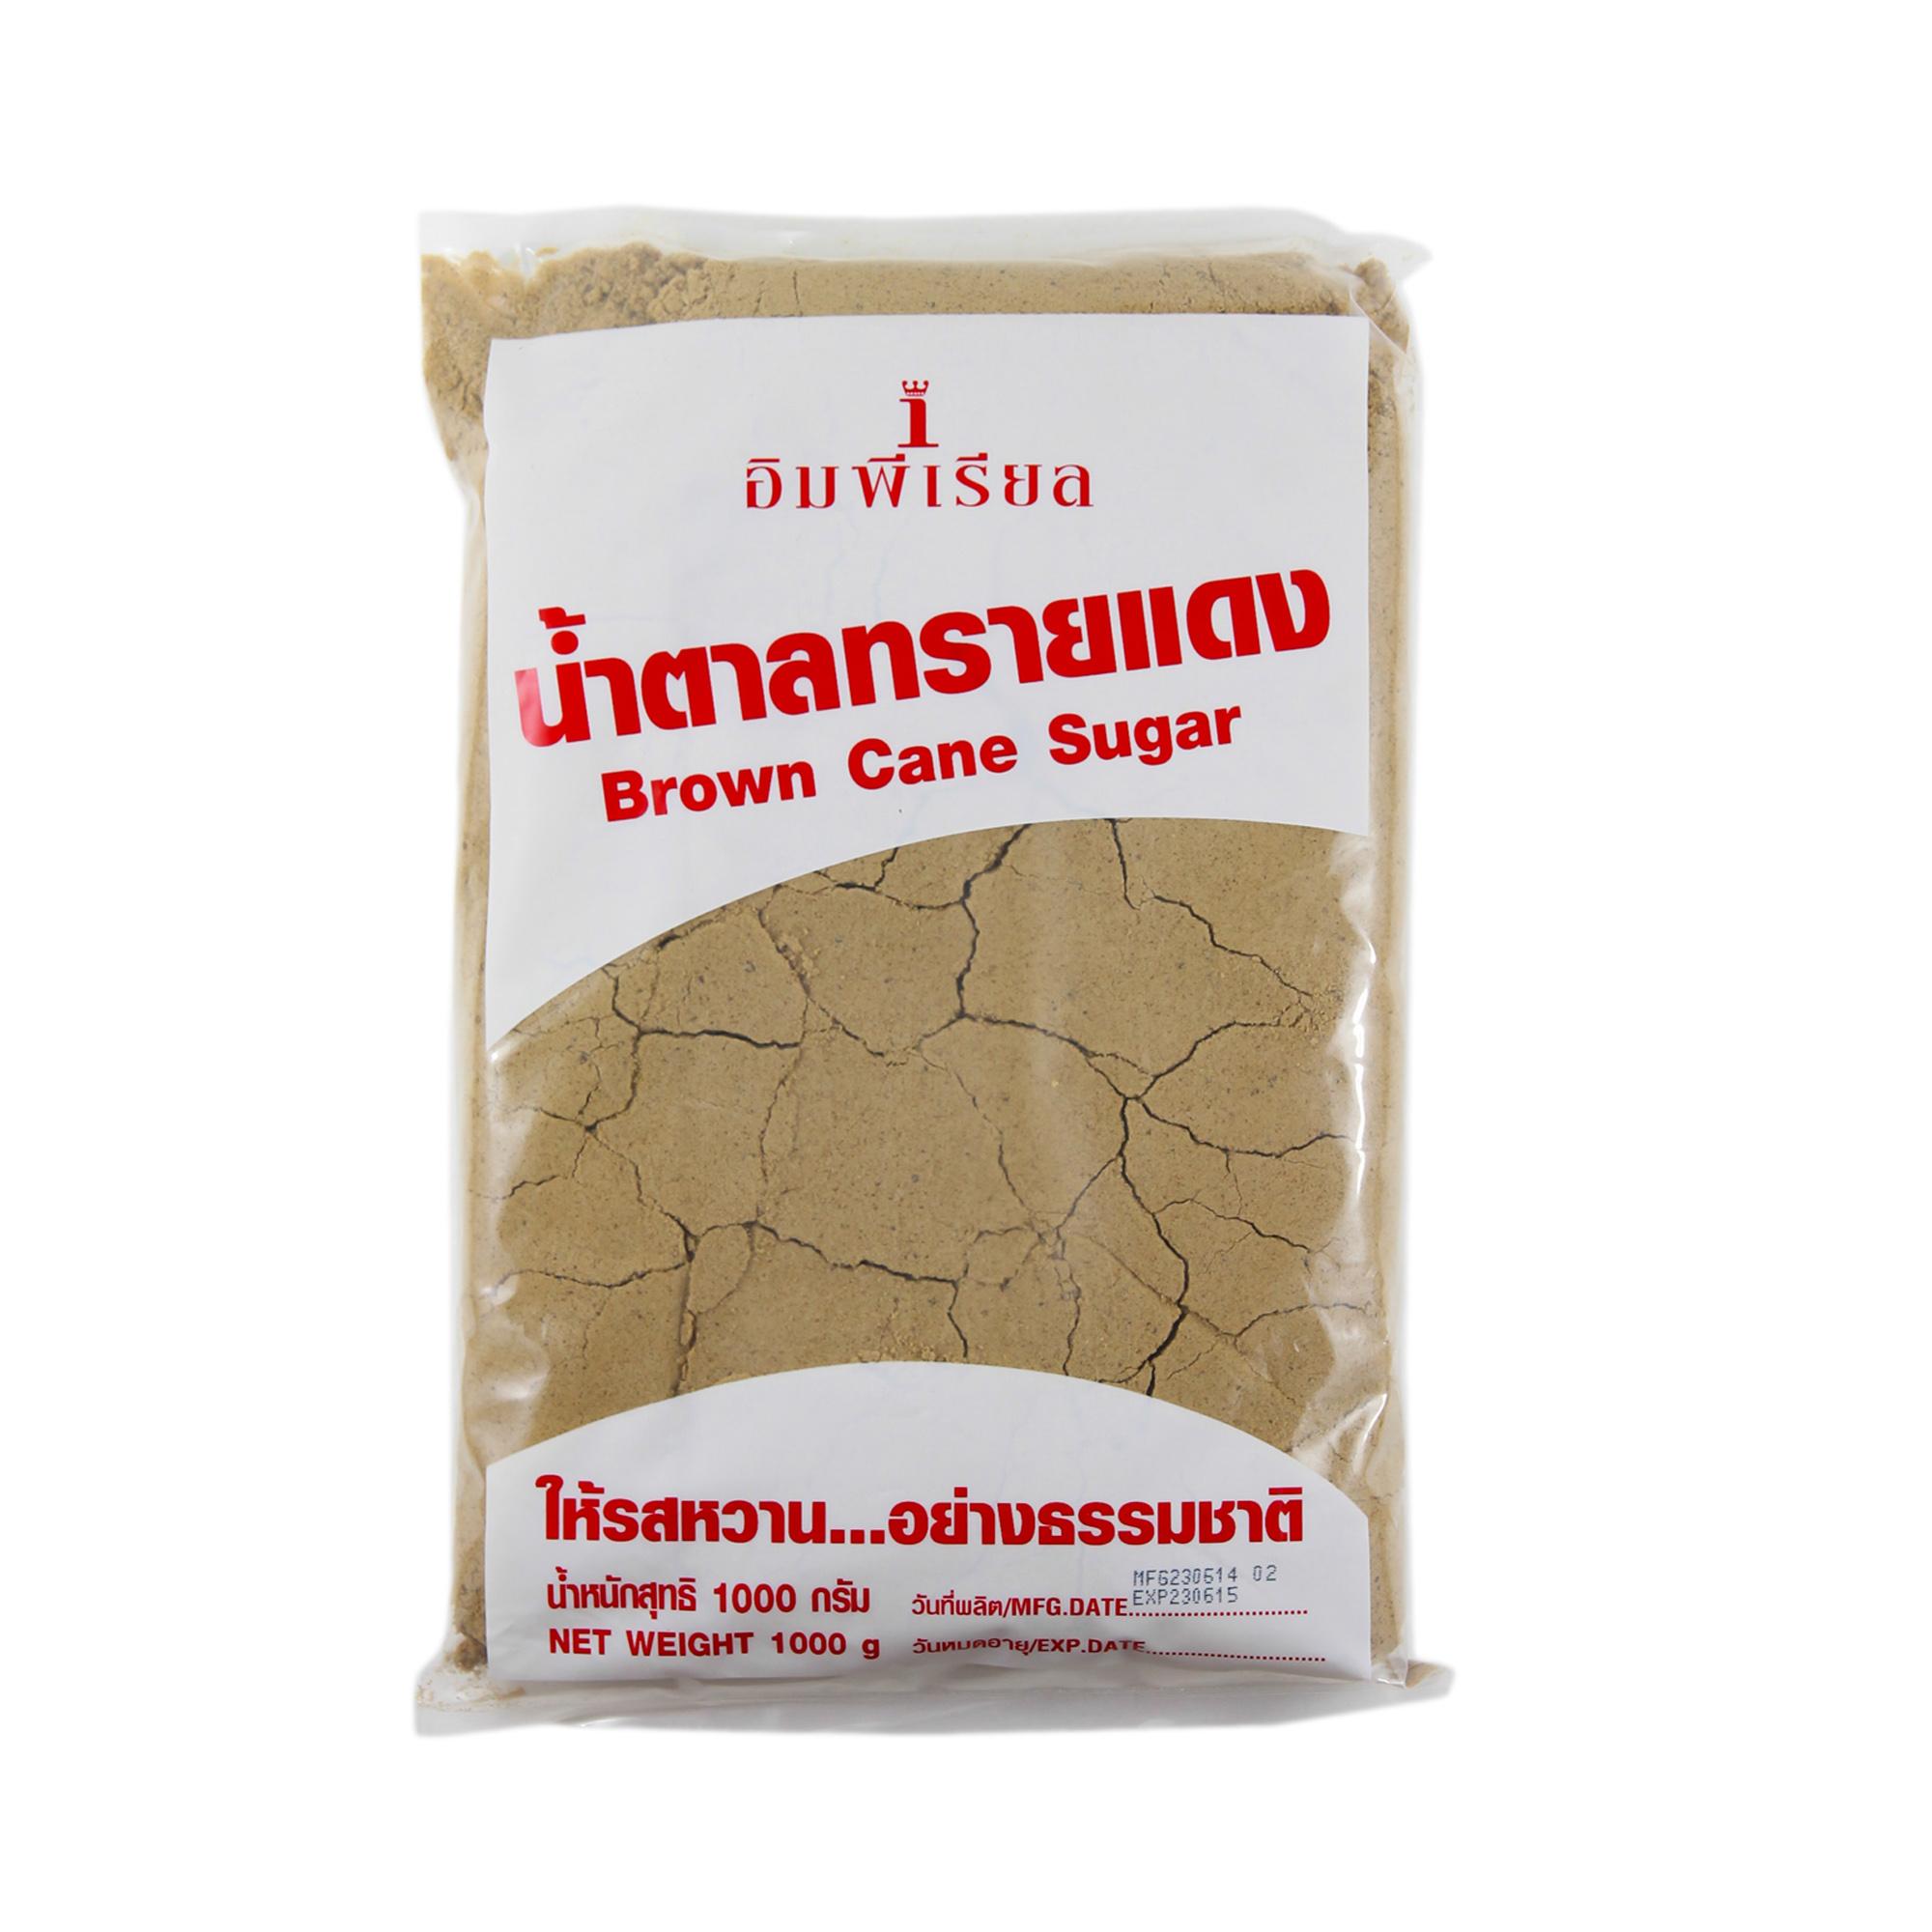 อิมพีเรียล น้ำตาลทรายแดง(บราวน์) 1 kg